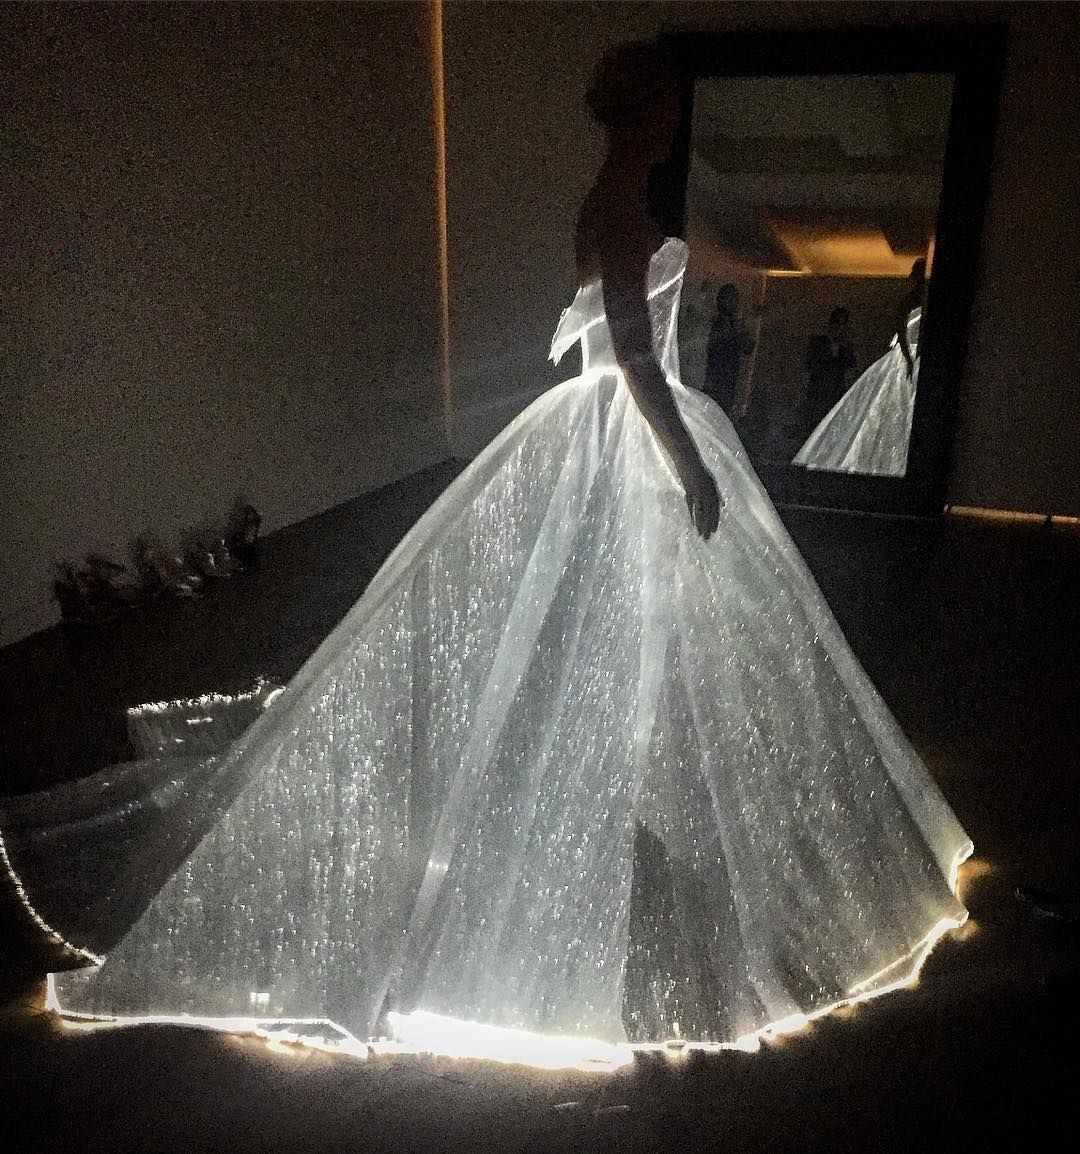 Celestial grandeur. Illuminating ballgown. Guess who? #metgala #zacposen #glamour